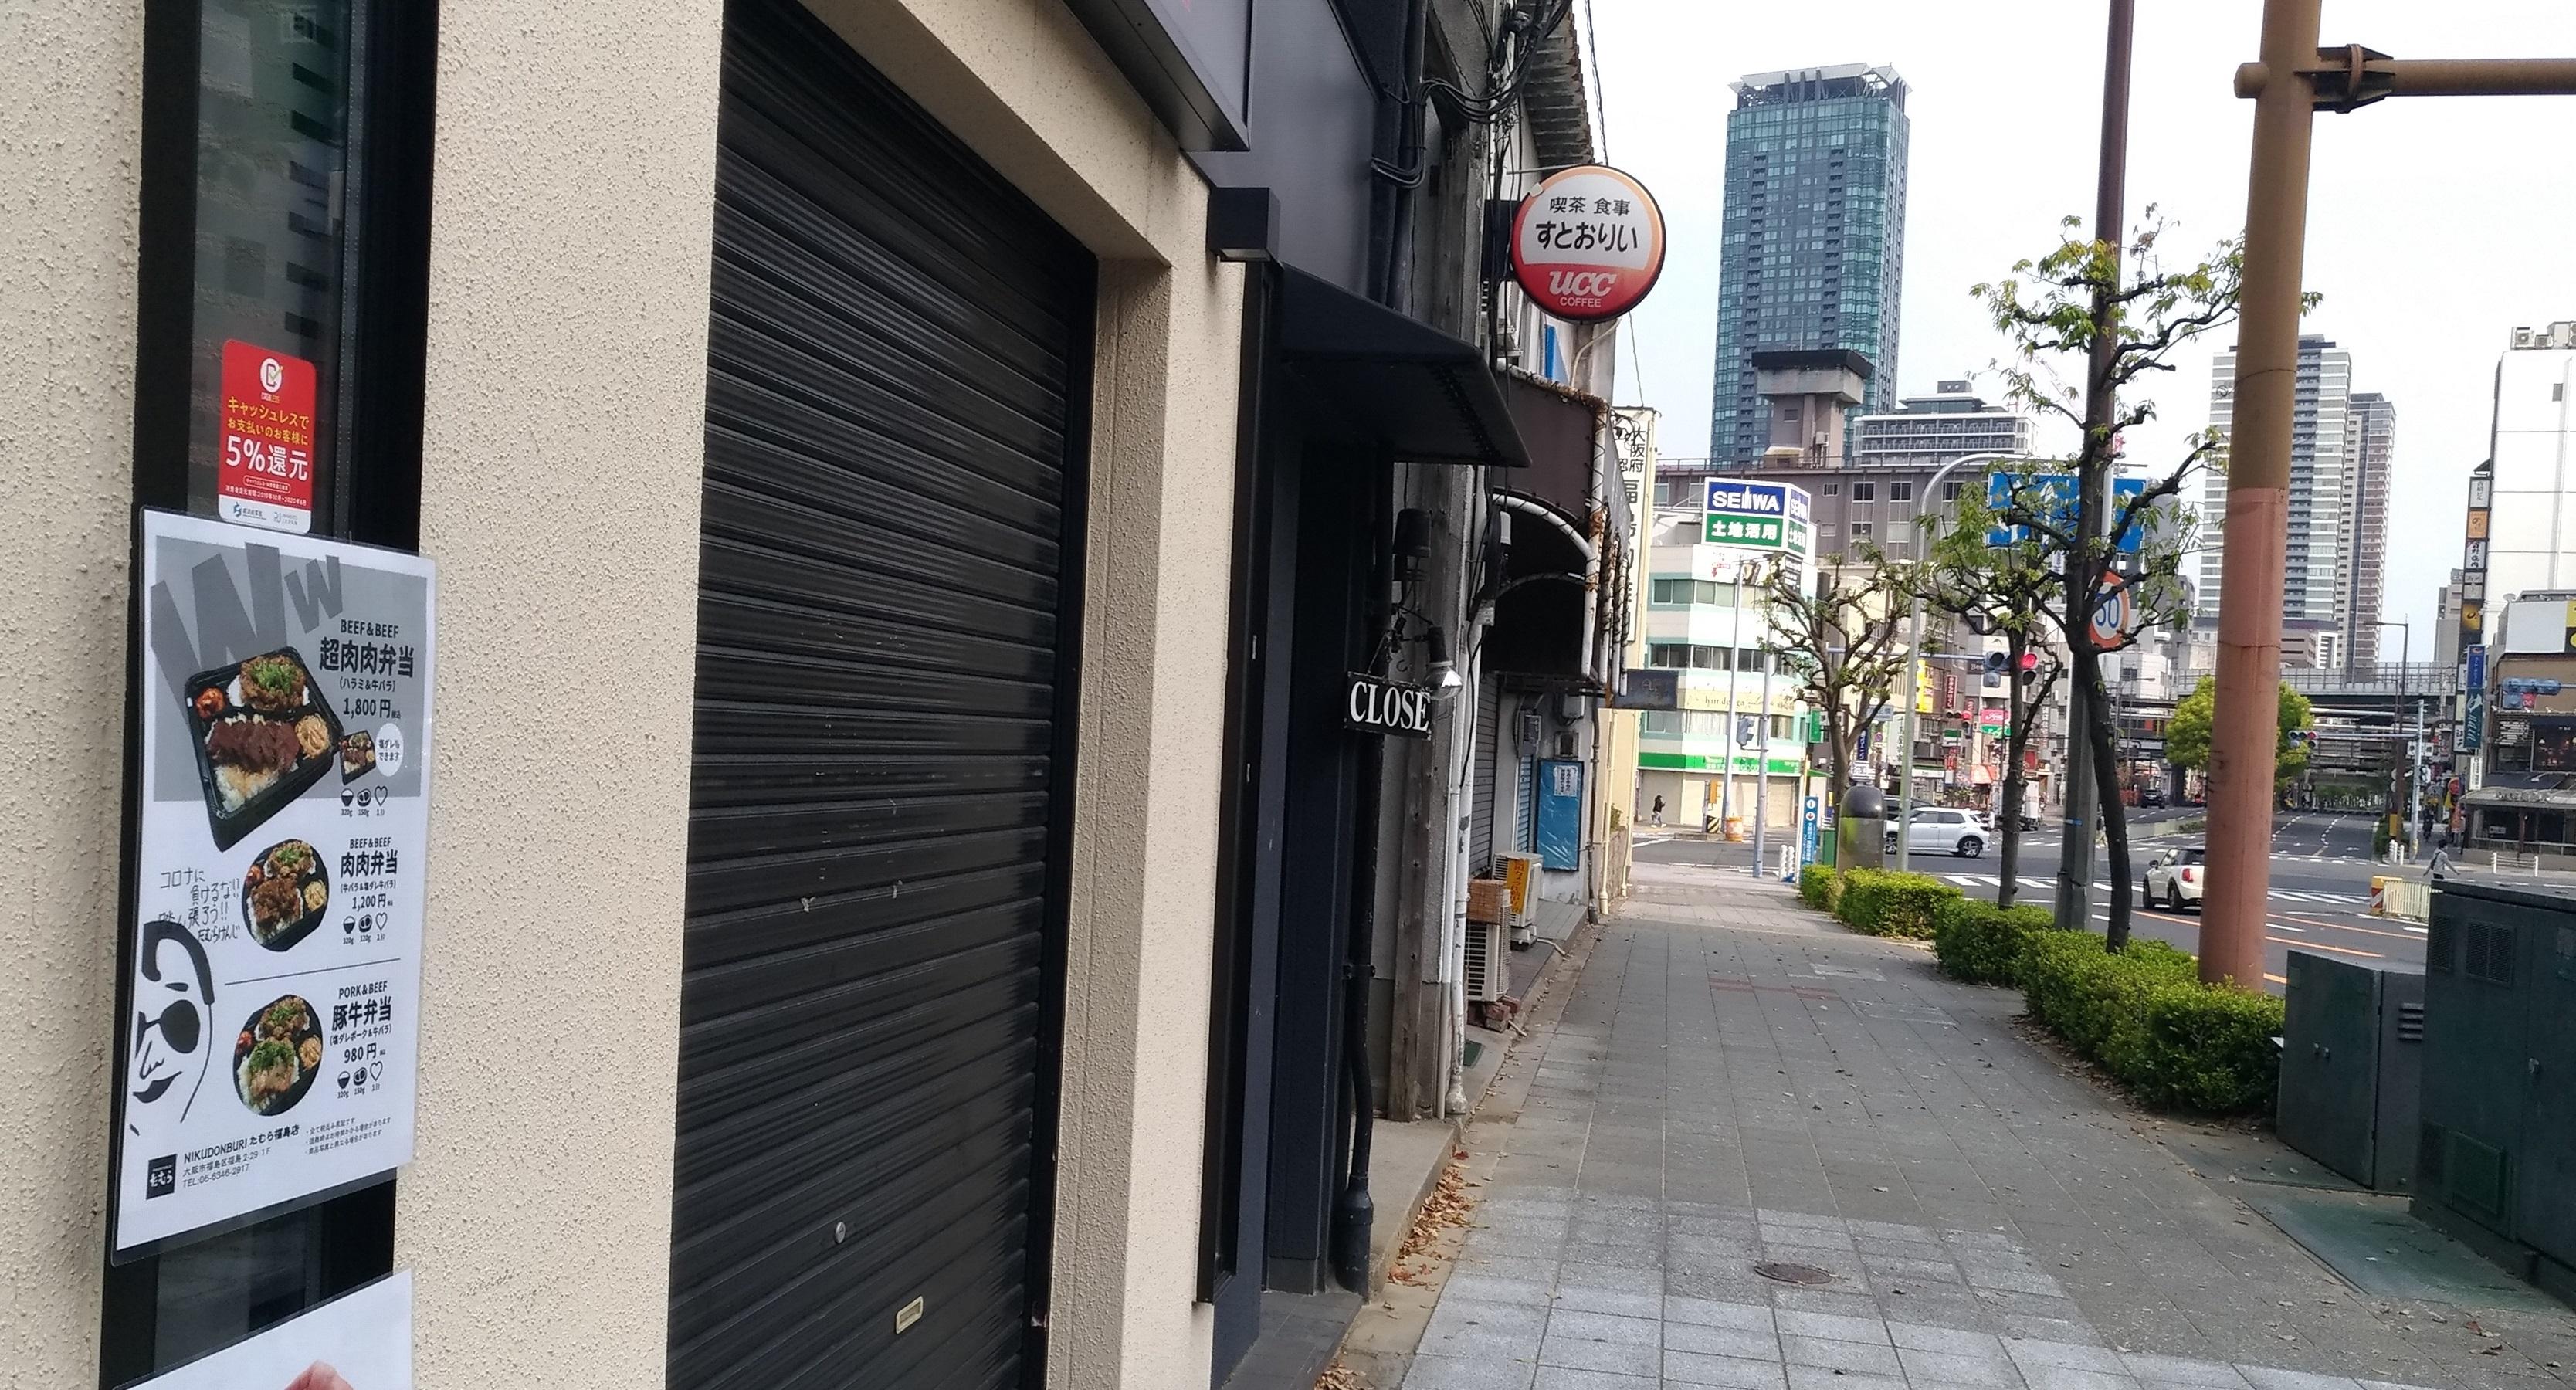 tamura_osaka_fukushima_take_out_3.jpg